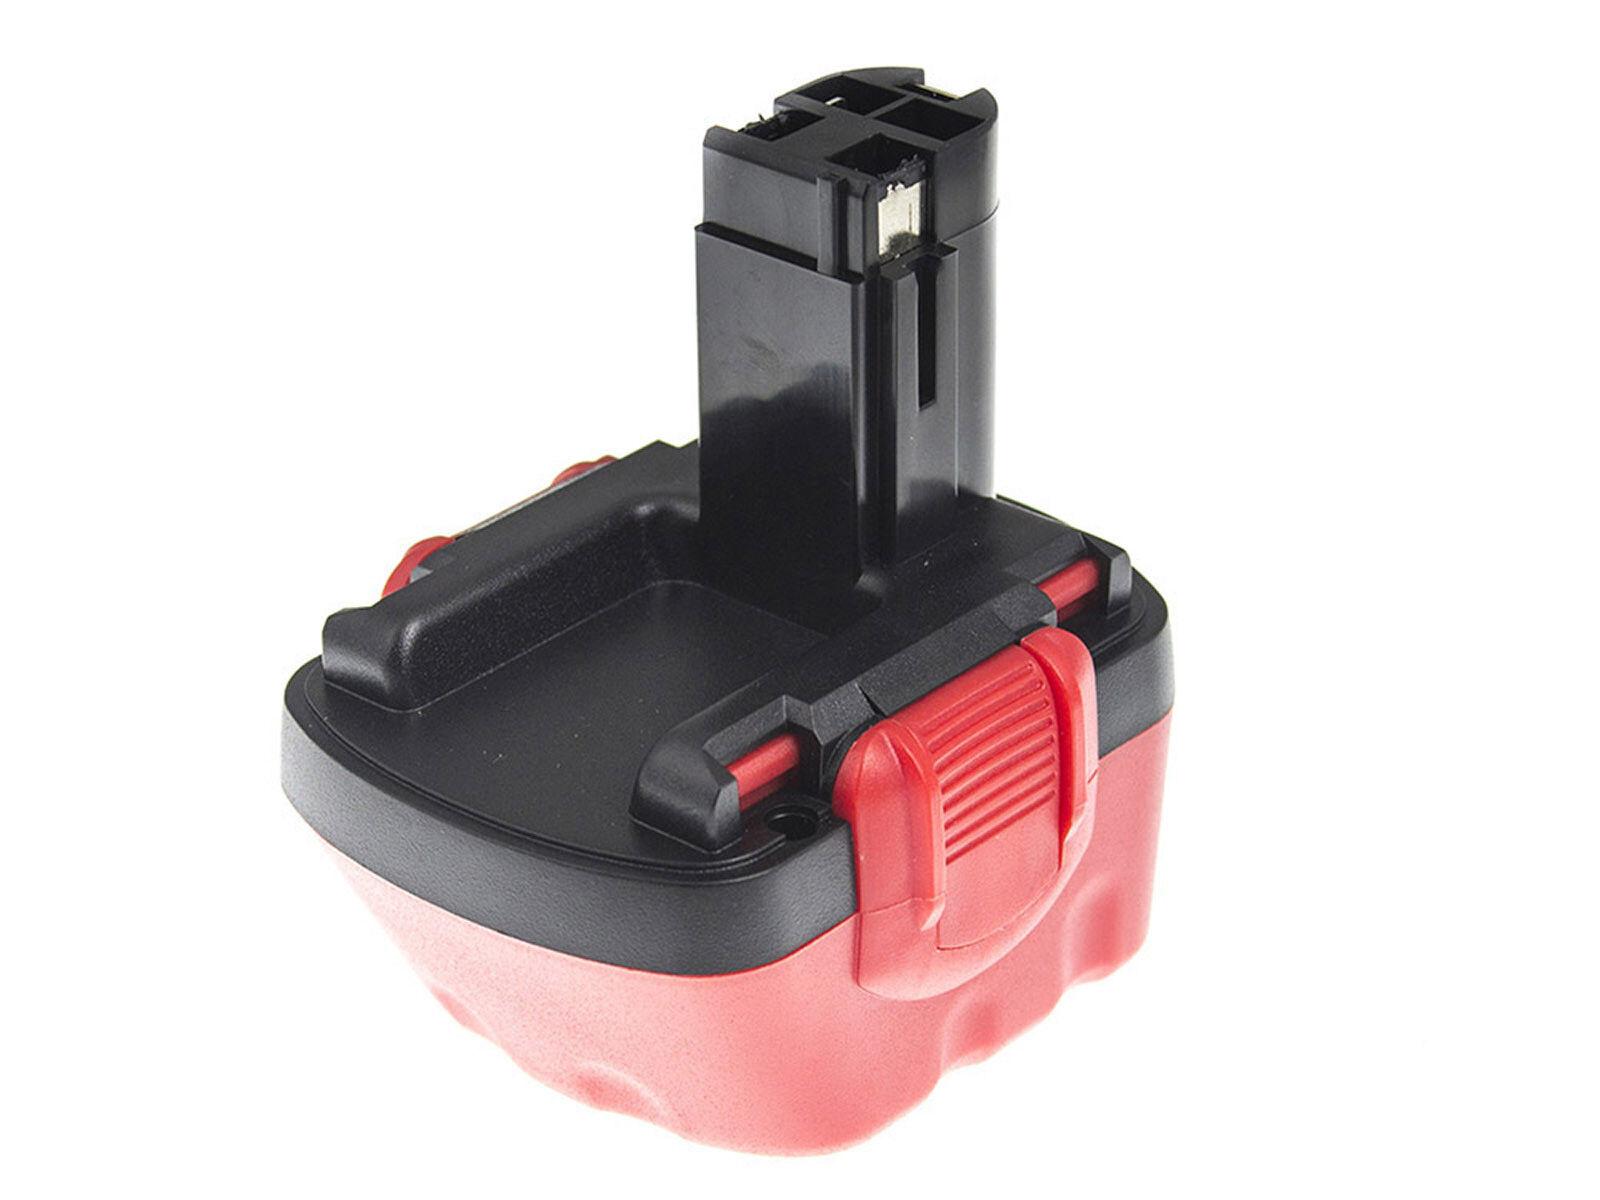 Batería Bosch GHO 14.4V, GHO 14.4VH  GLI 14.4V 14.4V 14.4V  GSR 14.4V, GSR 14.4V  14,4v 20Ah 8692ed